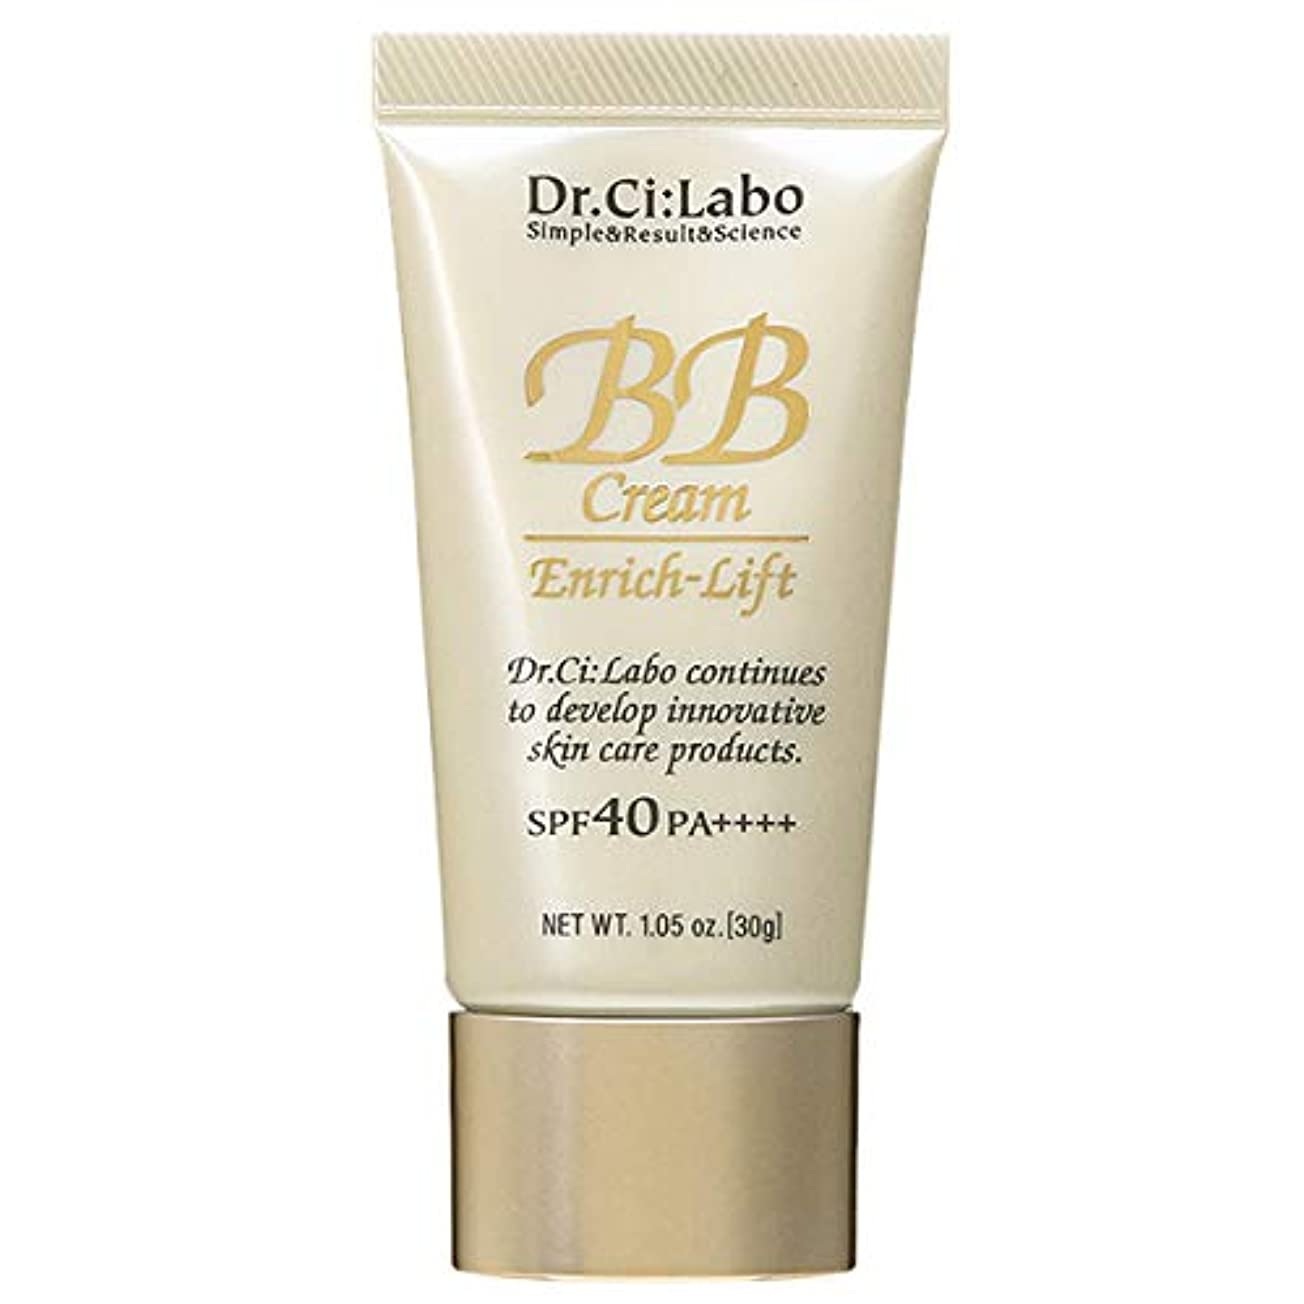 バリケードキャビンドクターシーラボ Dr.Ci:Labo BBクリーム エンリッチリフトLN18 SPF40 PA++++ 30g